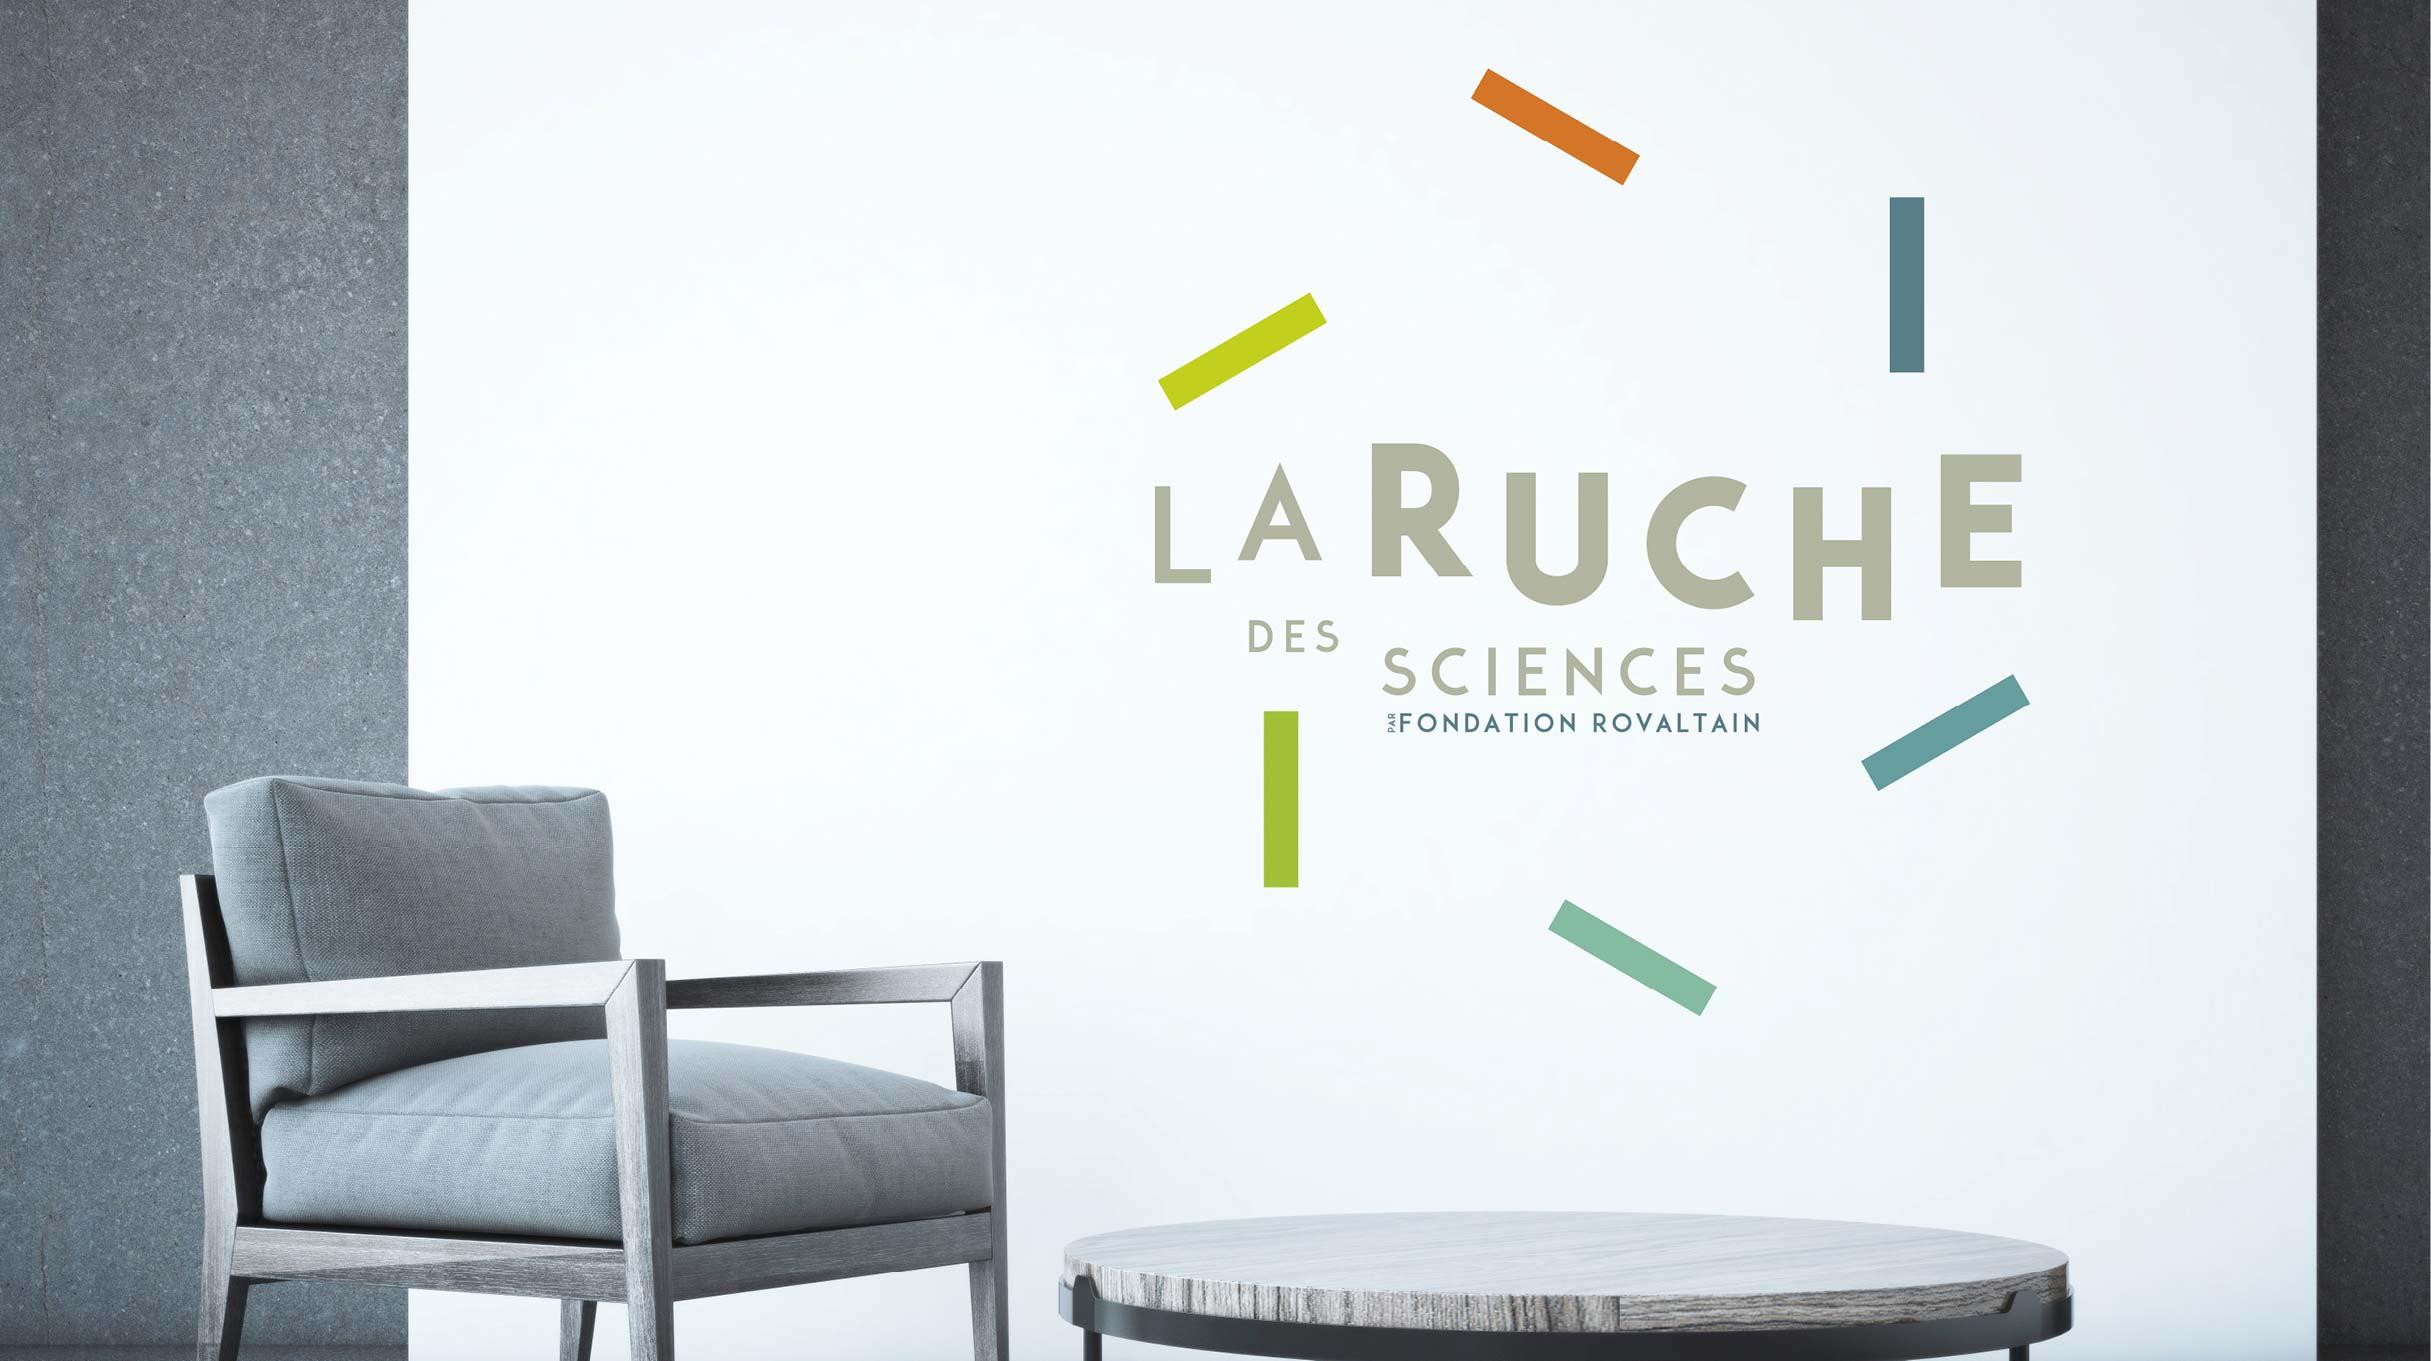 la_ruche_des_sciences_3